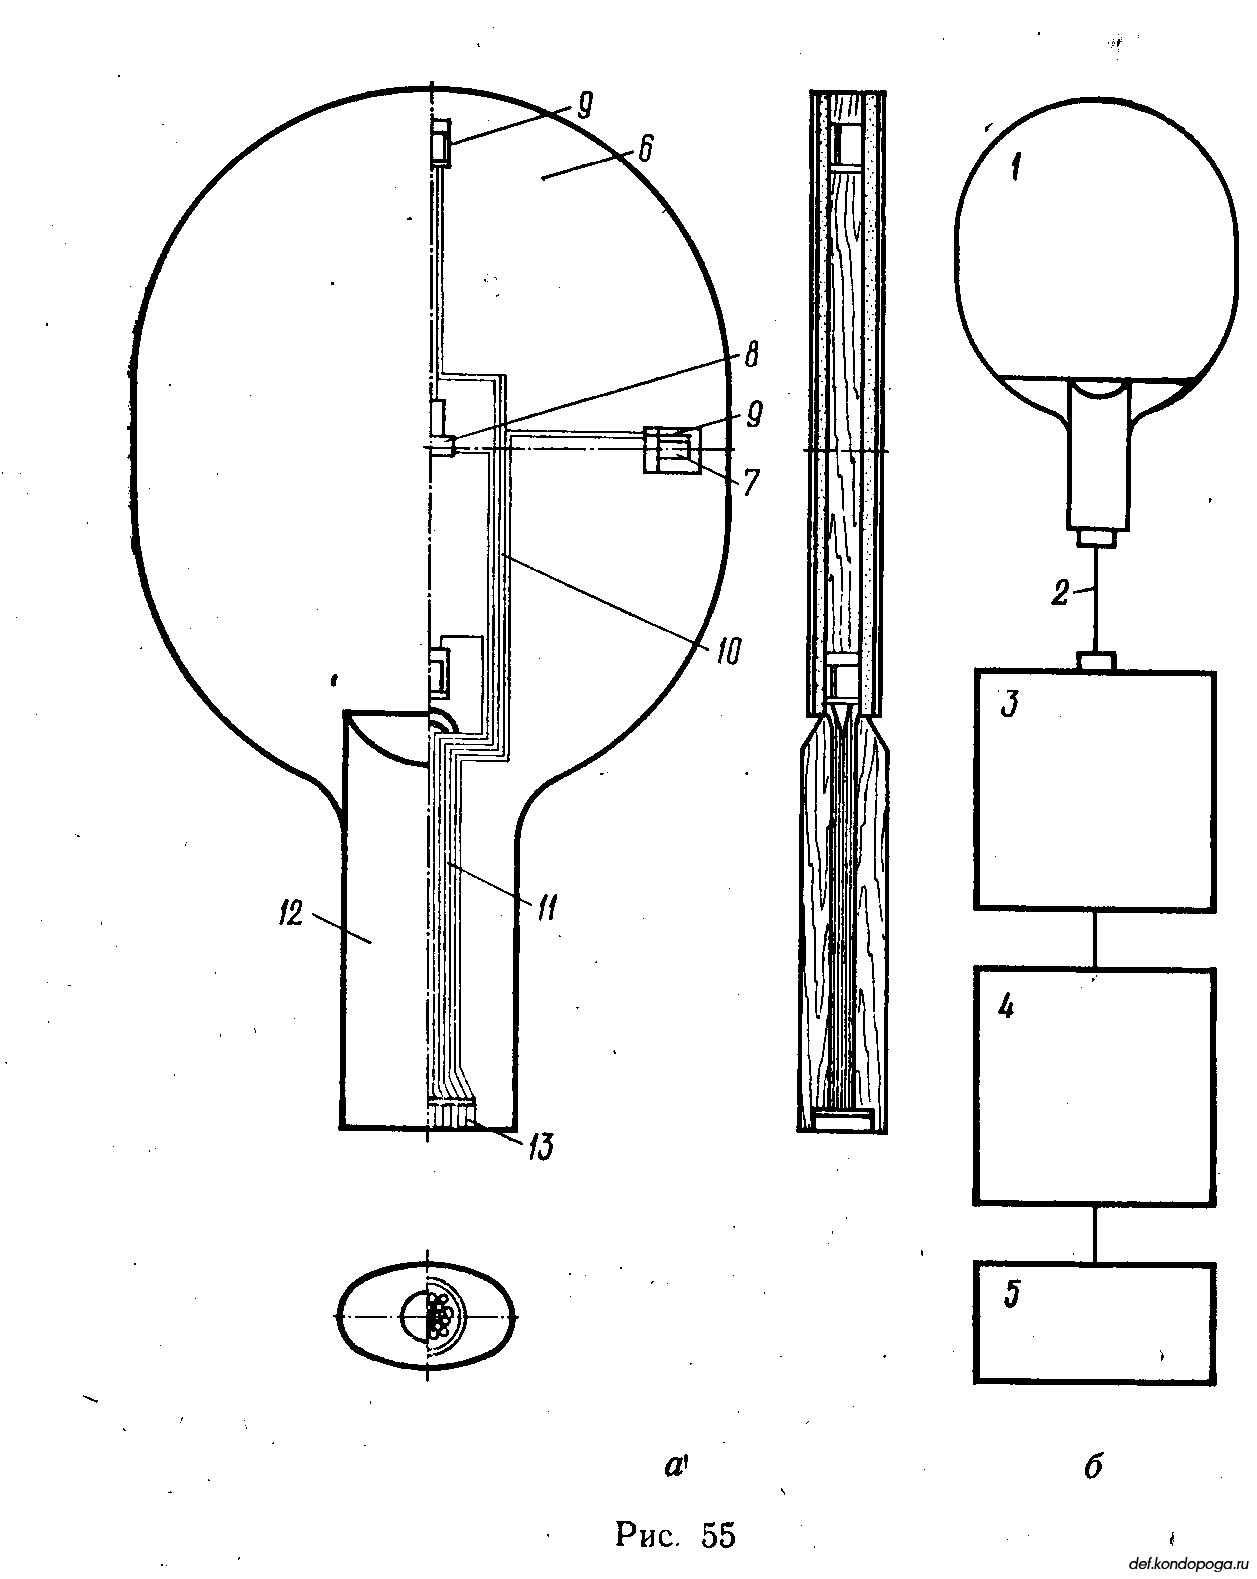 схема движения при топспине в пинг-понге